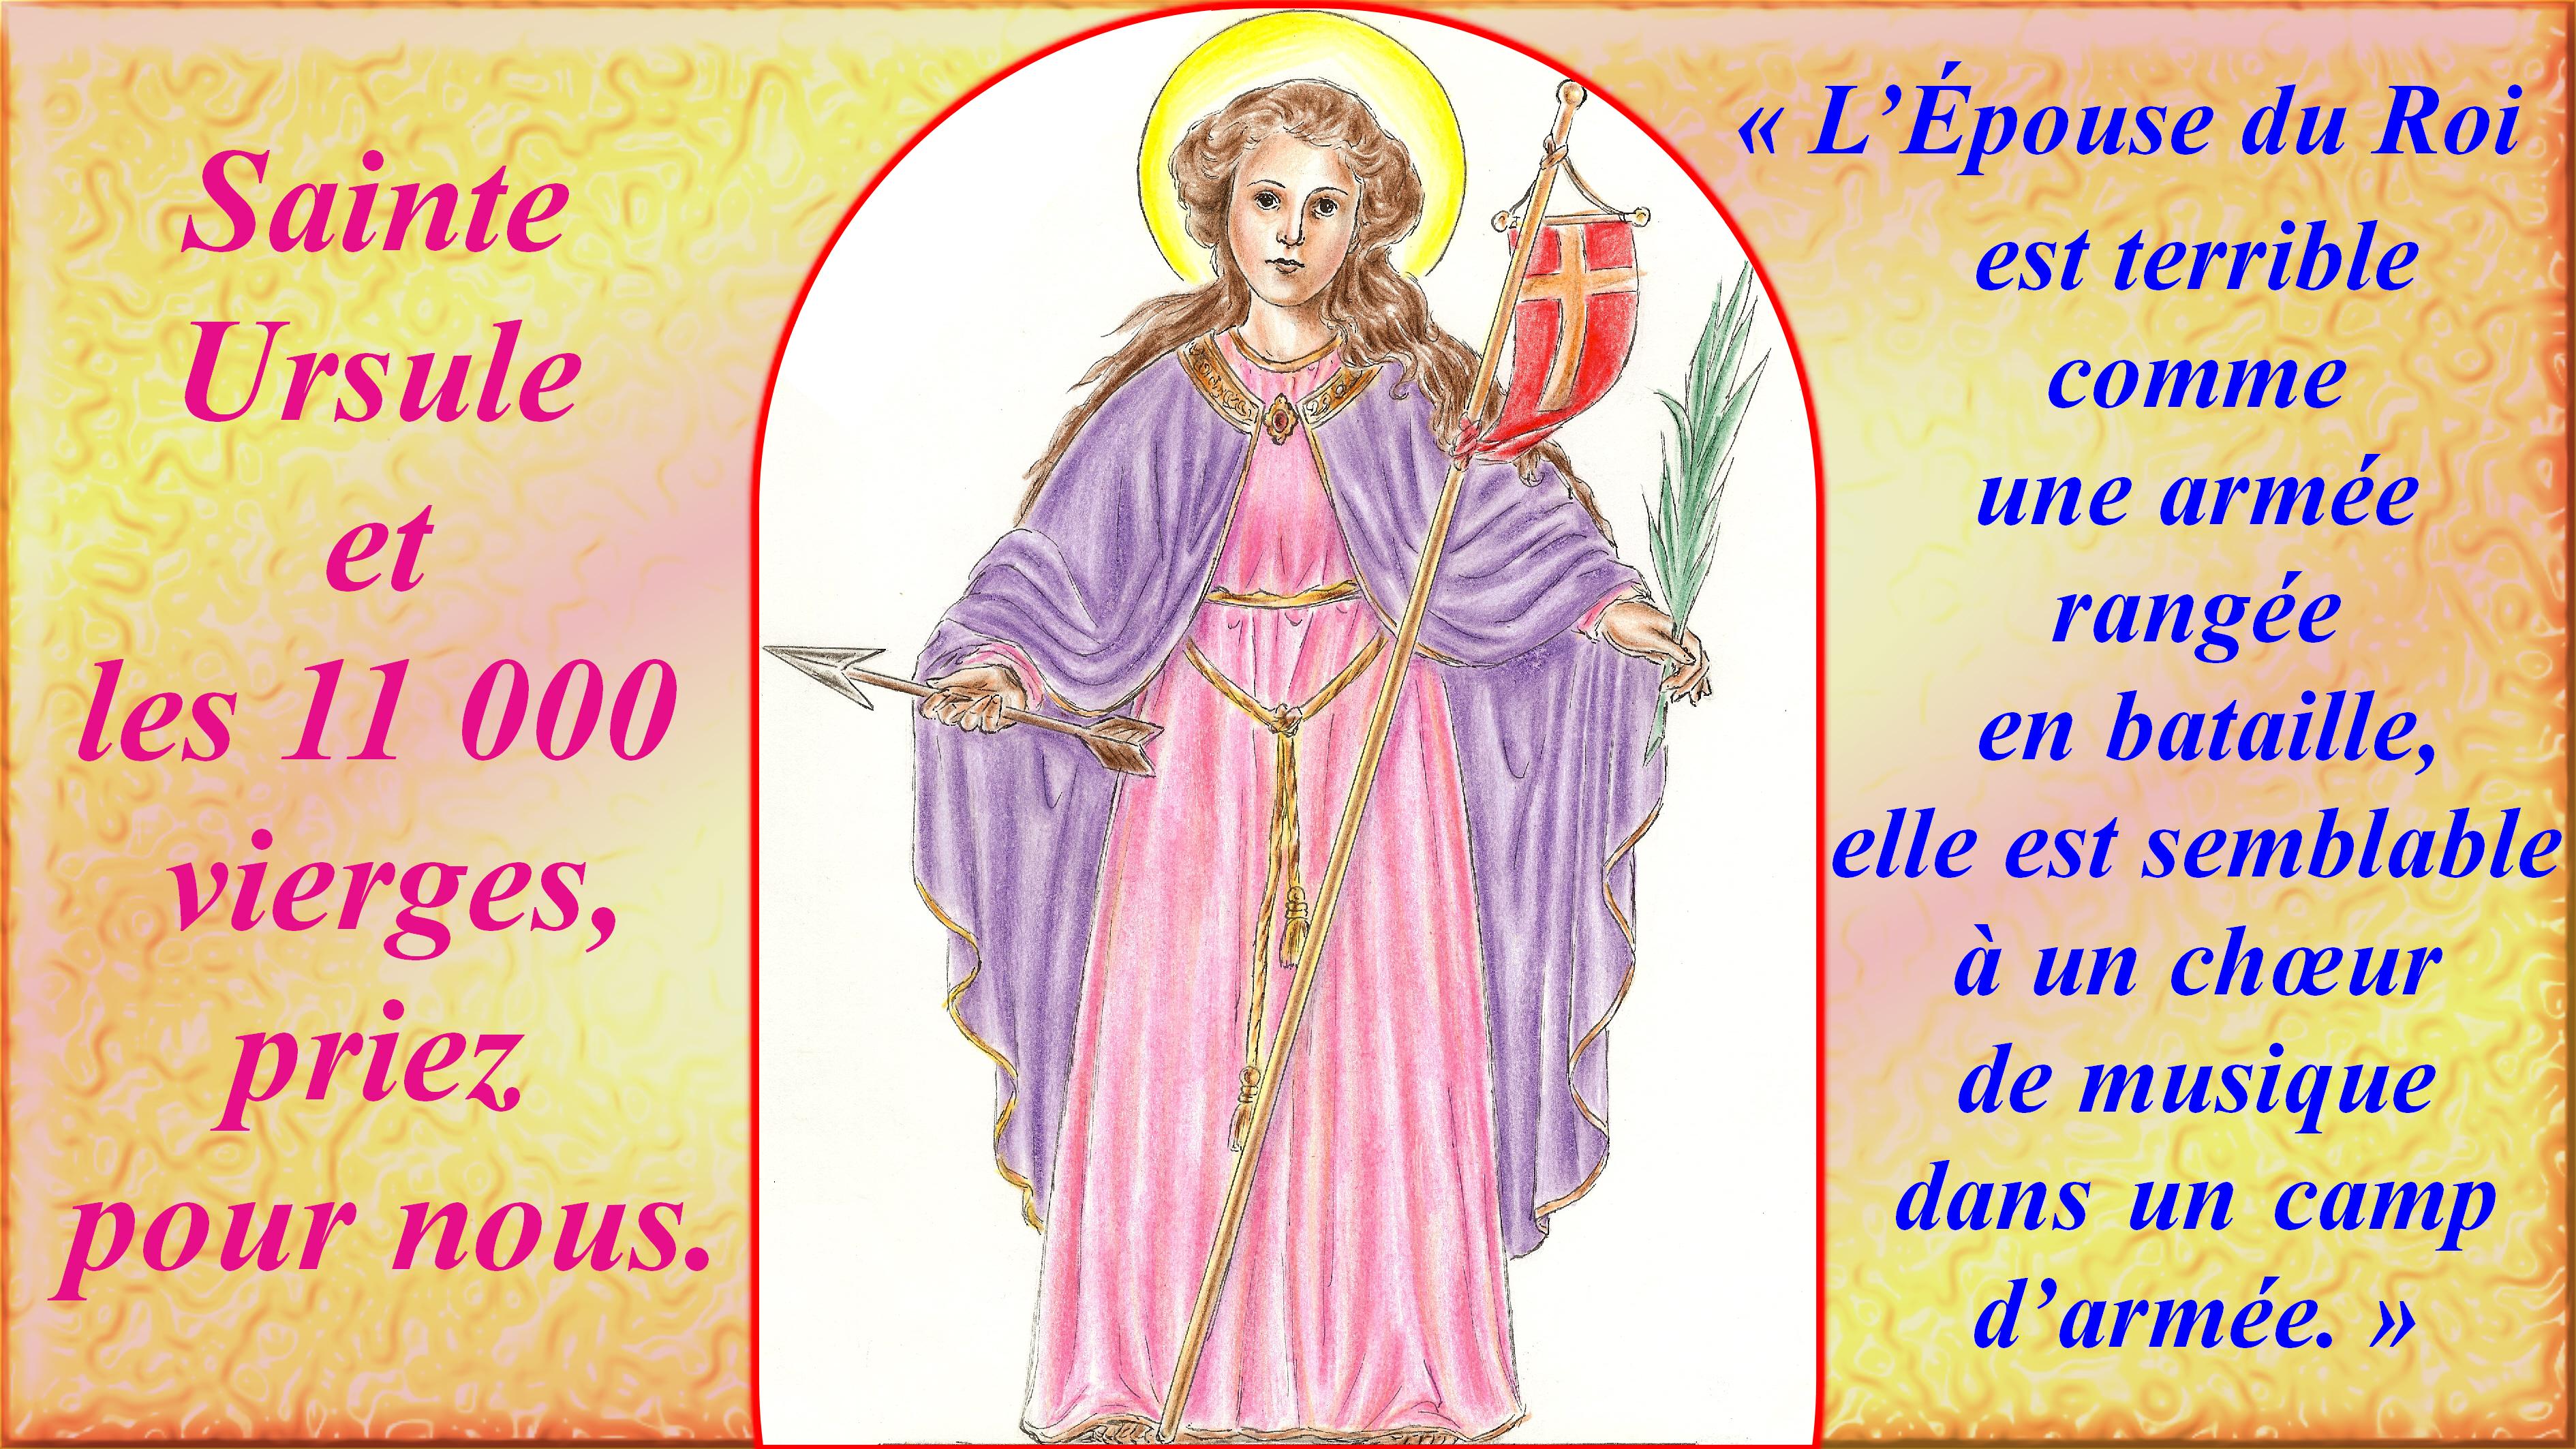 CALENDRIER CATHOLIQUE 2019 (Cantiques, Prières & Images) - Page 12 Ste-ursule-56af2cb